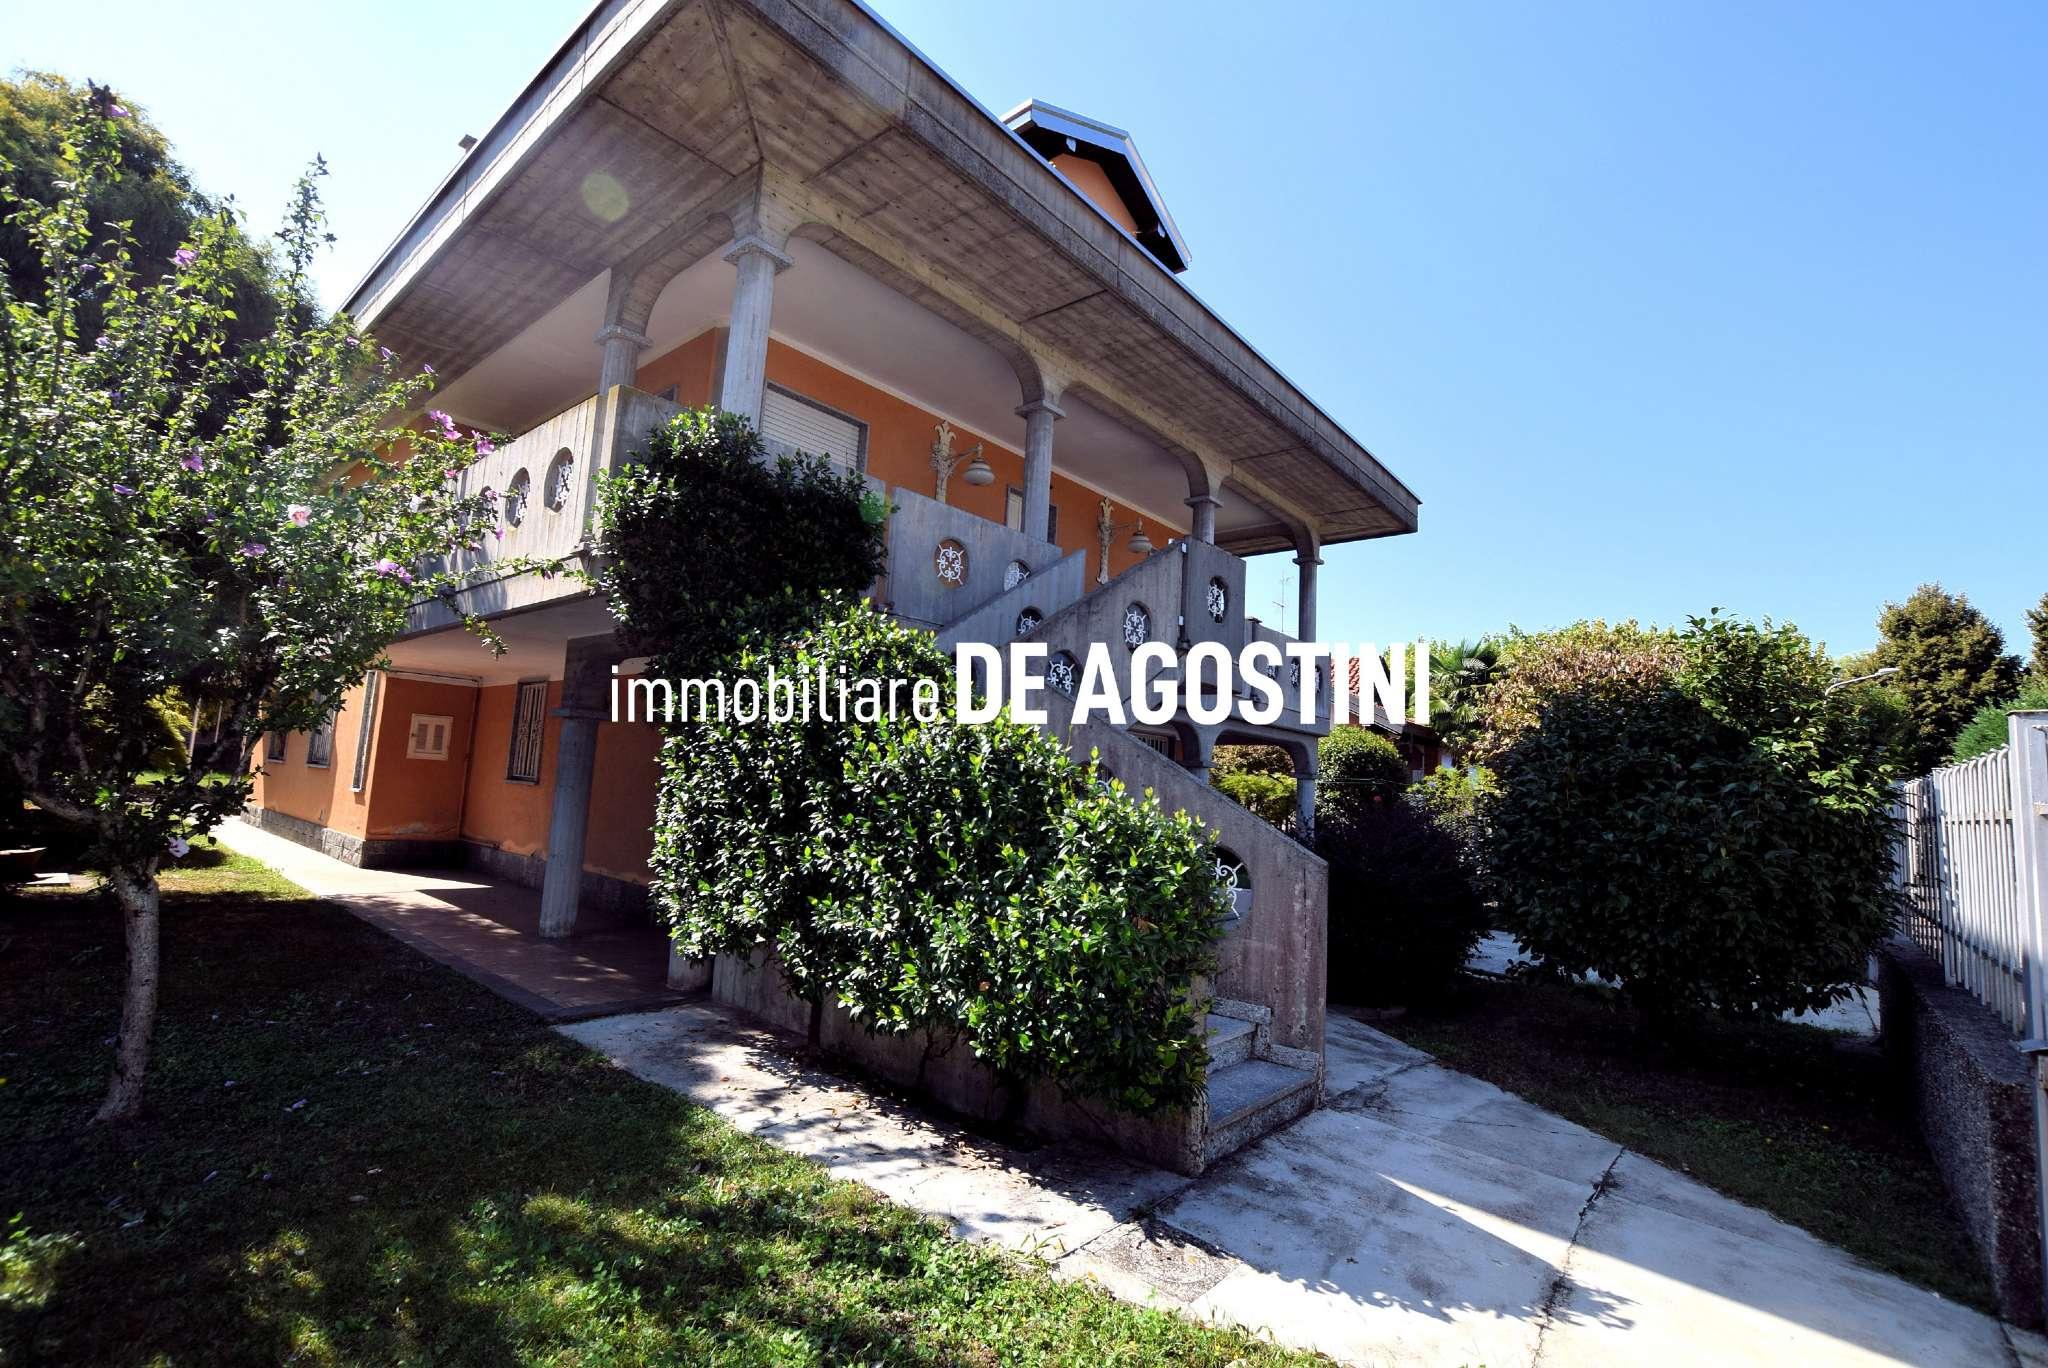 Villa in vendita a Arona, 12 locali, prezzo € 370.000 | PortaleAgenzieImmobiliari.it